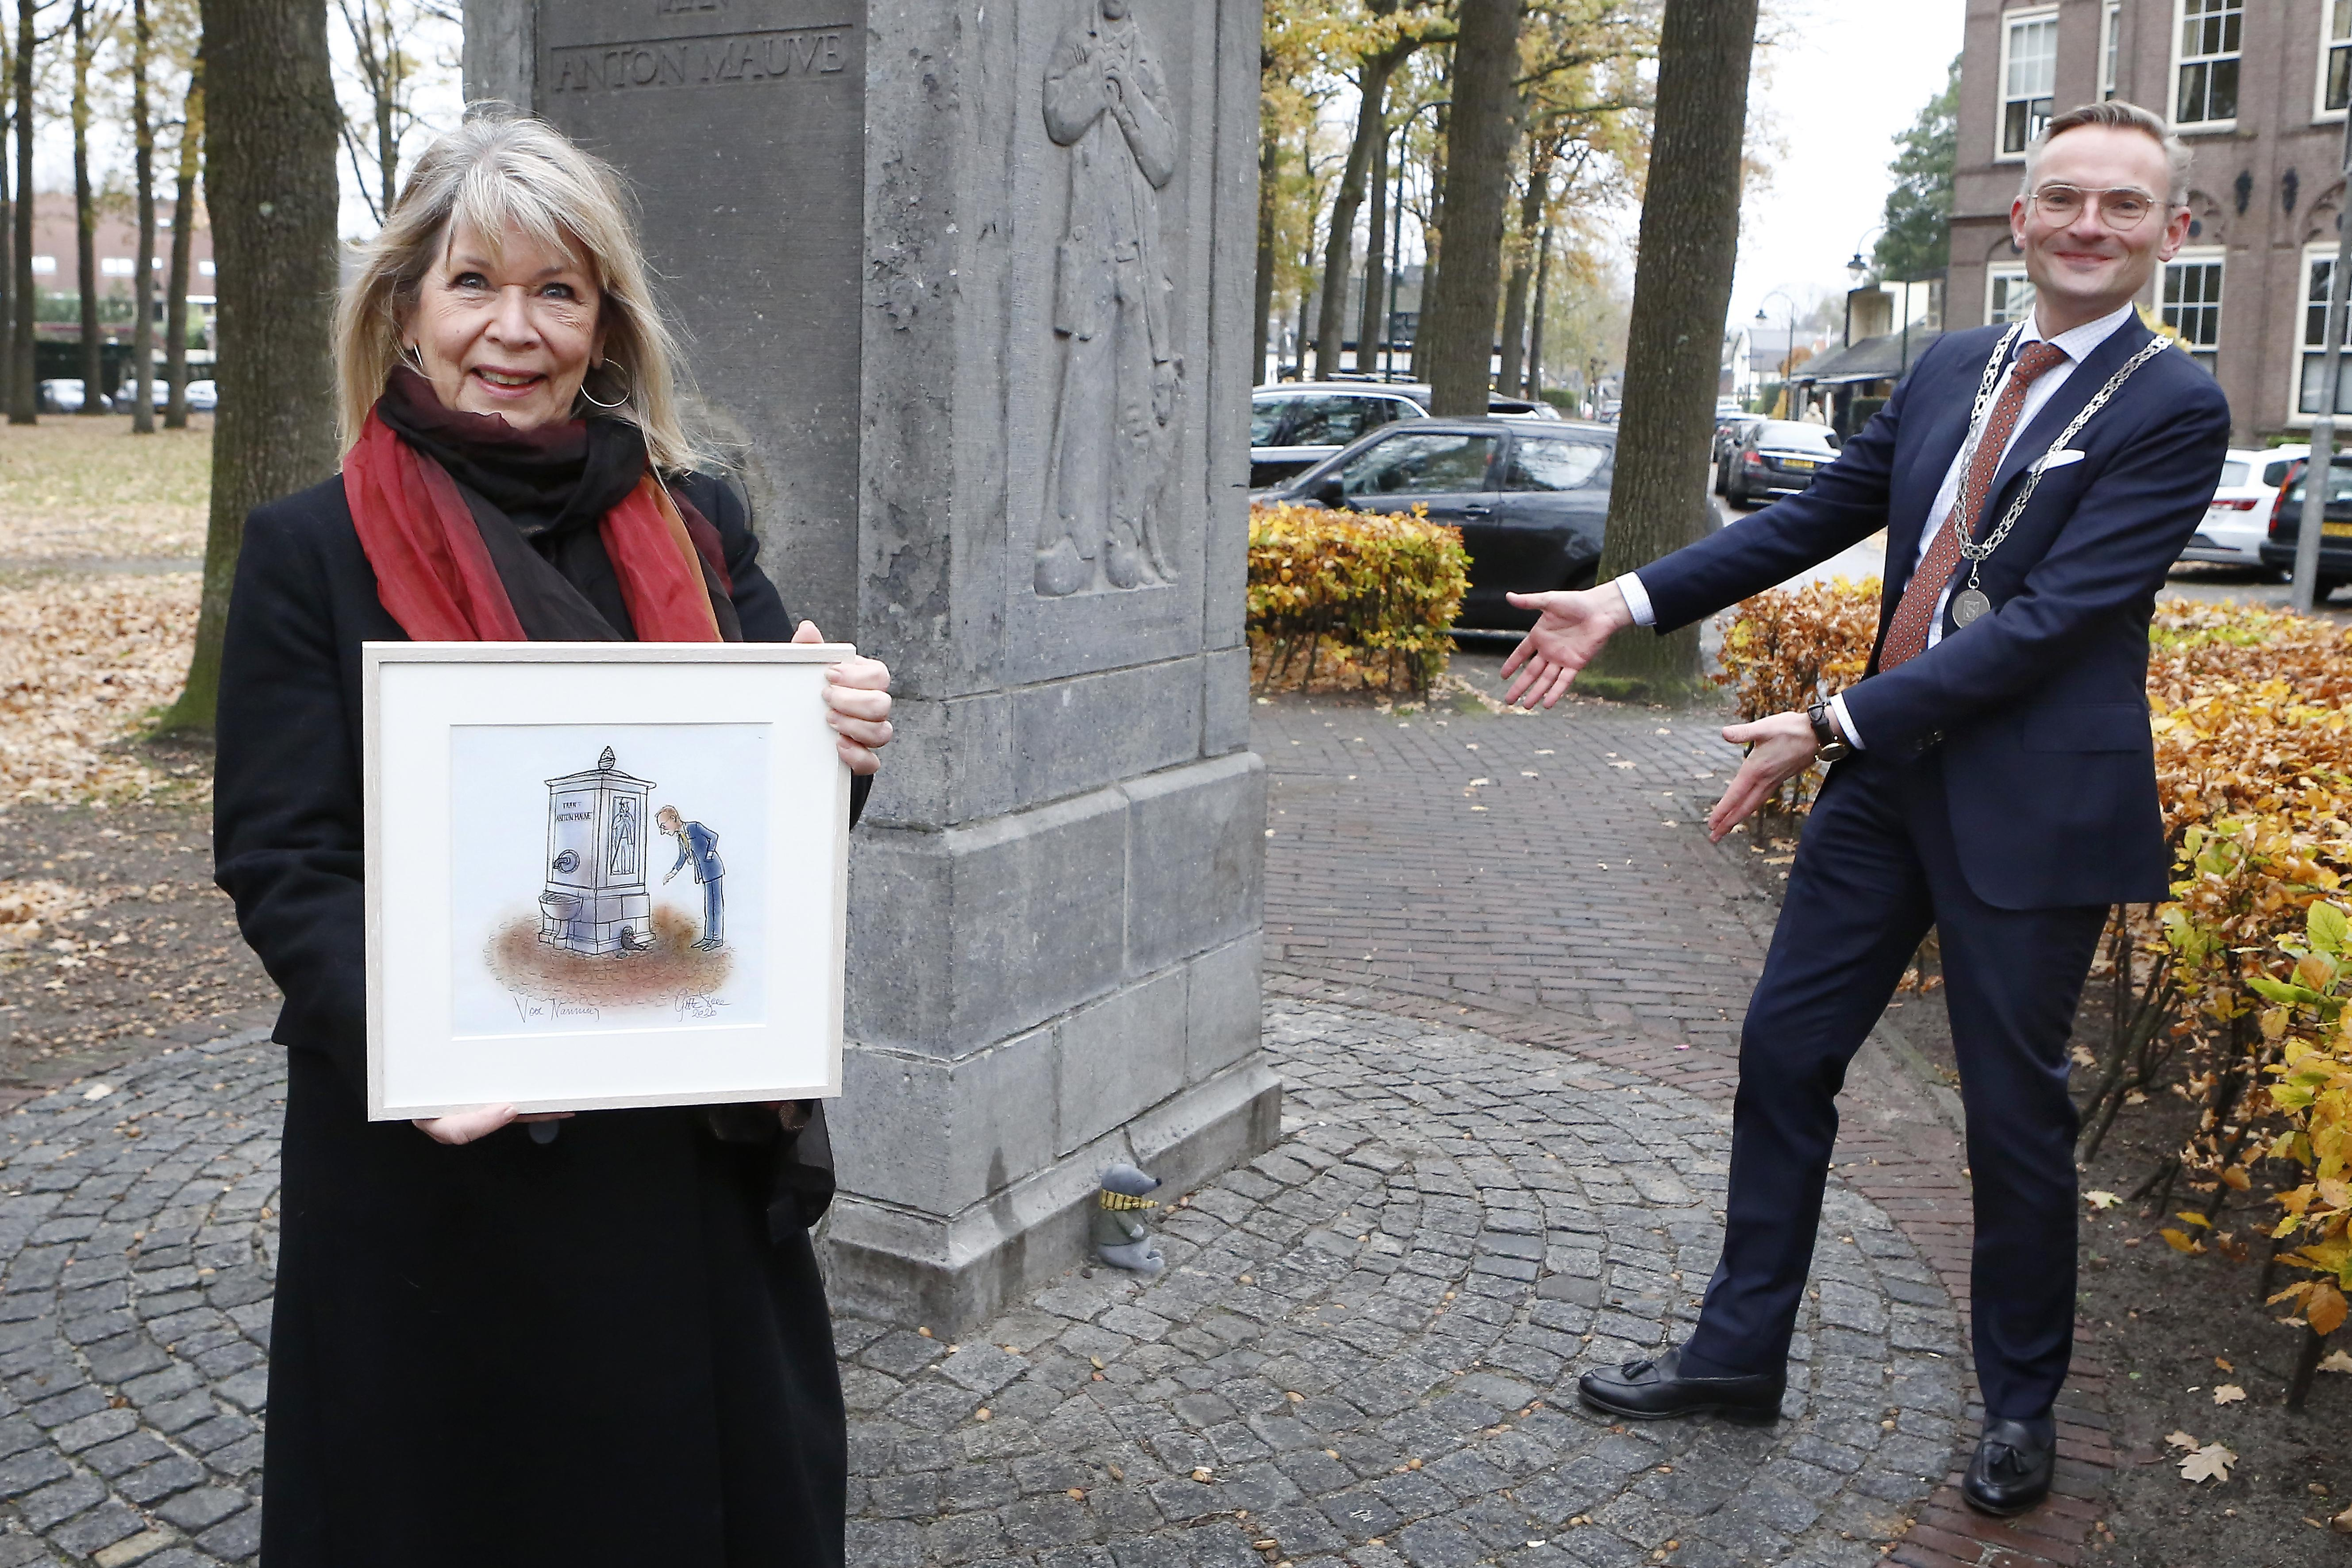 Larense Gitte Spee maakt nieuwe versie van kinderboek Aap en Mol in Laren en is daarmee nog lang niet klaar. 'Zonder tekenen word ik depressief. Ik blijf het doen zolang ik het kan'